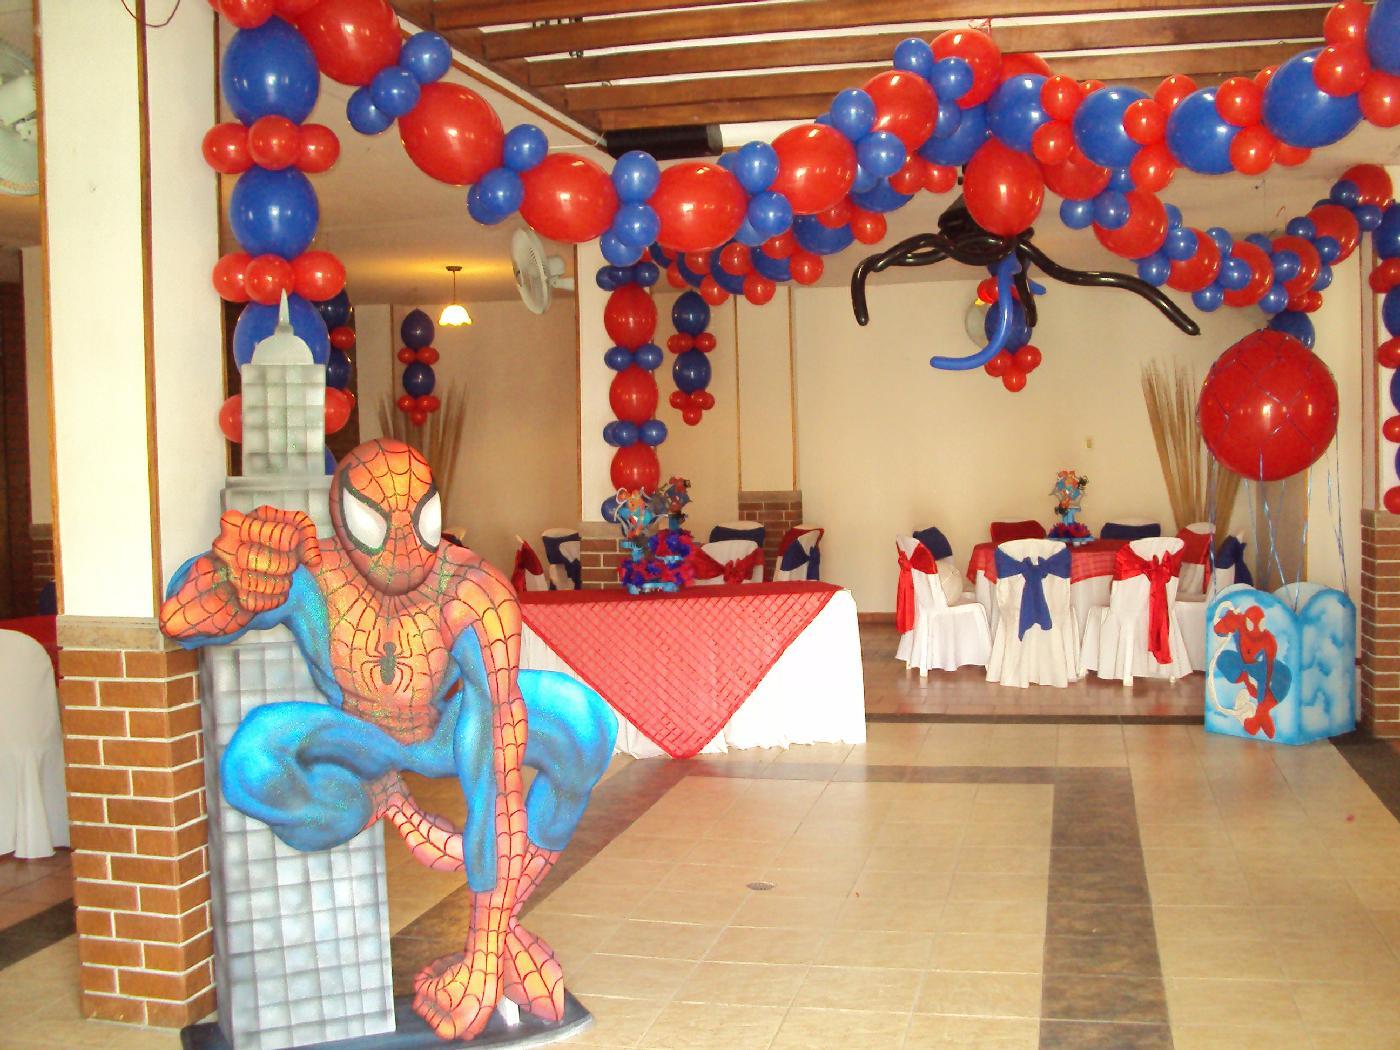 Fiestas de mickey mouse auto design tech - Decoracion fiesta infantil ...